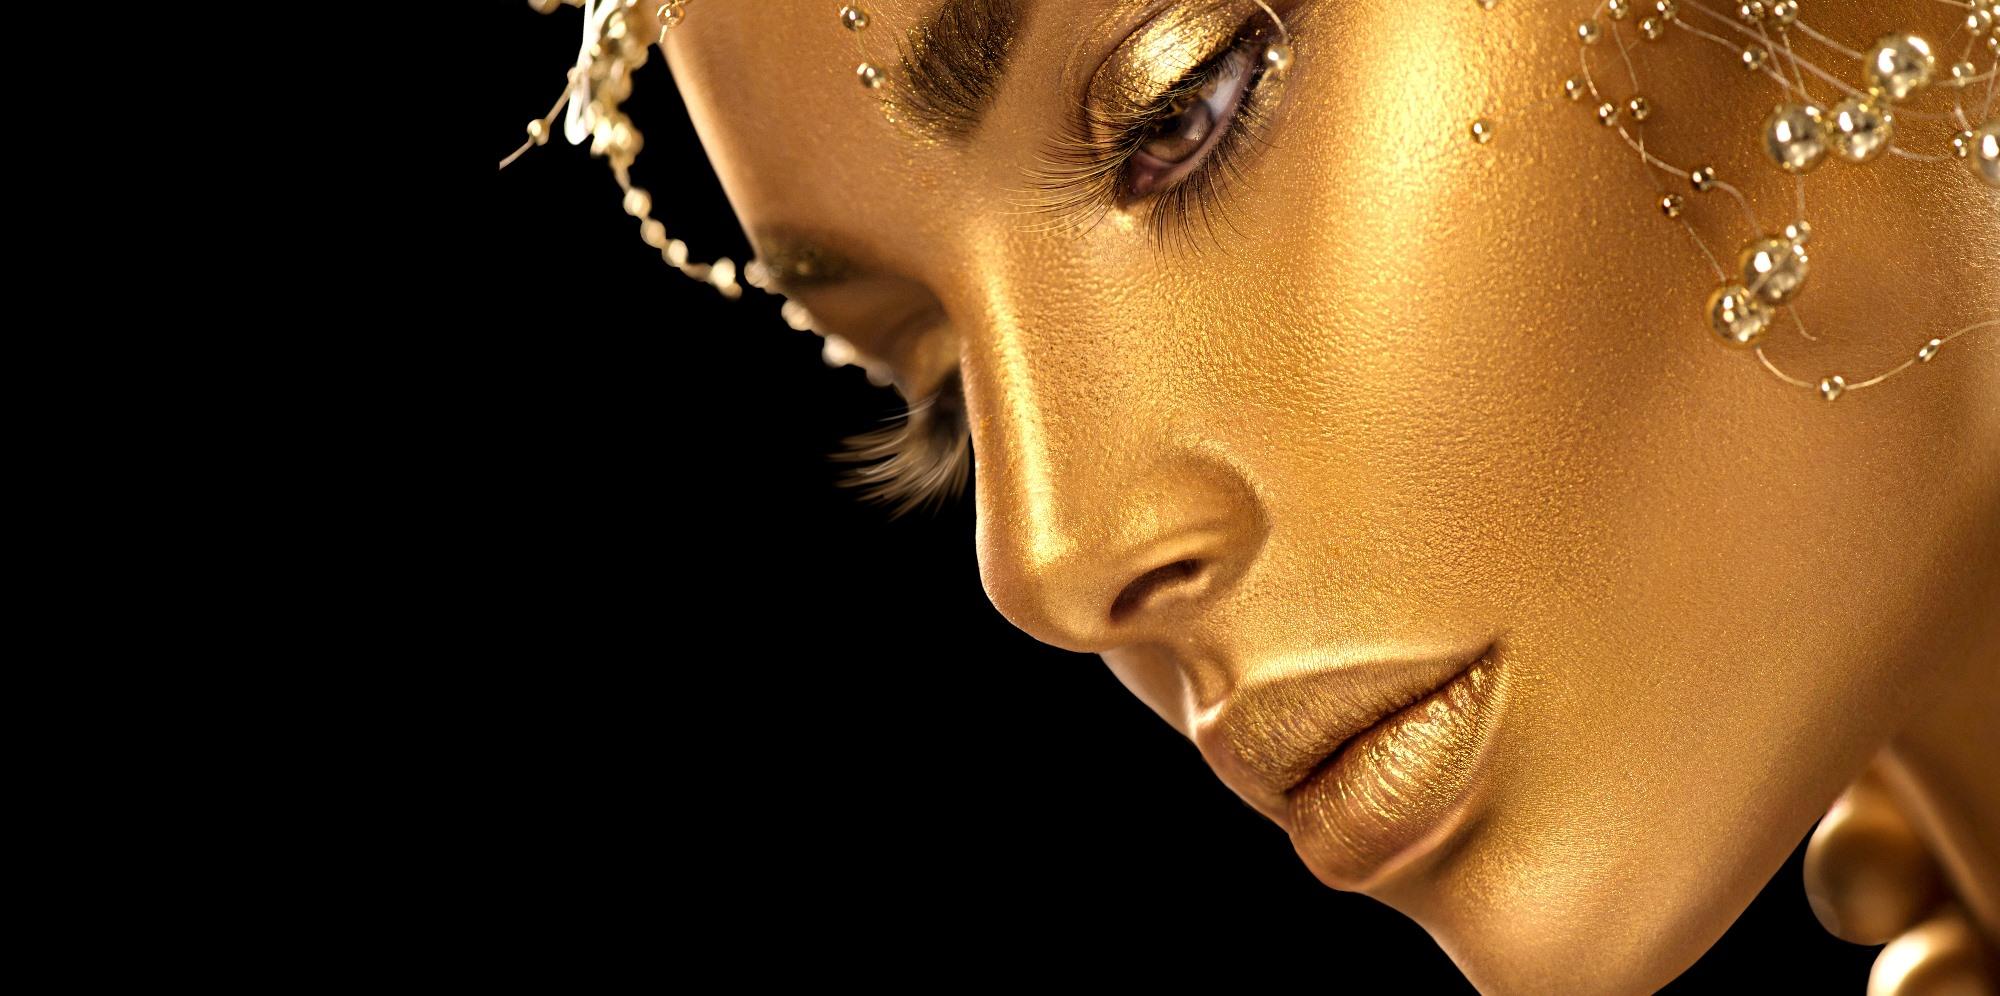 Modelka ze złotym makijażem